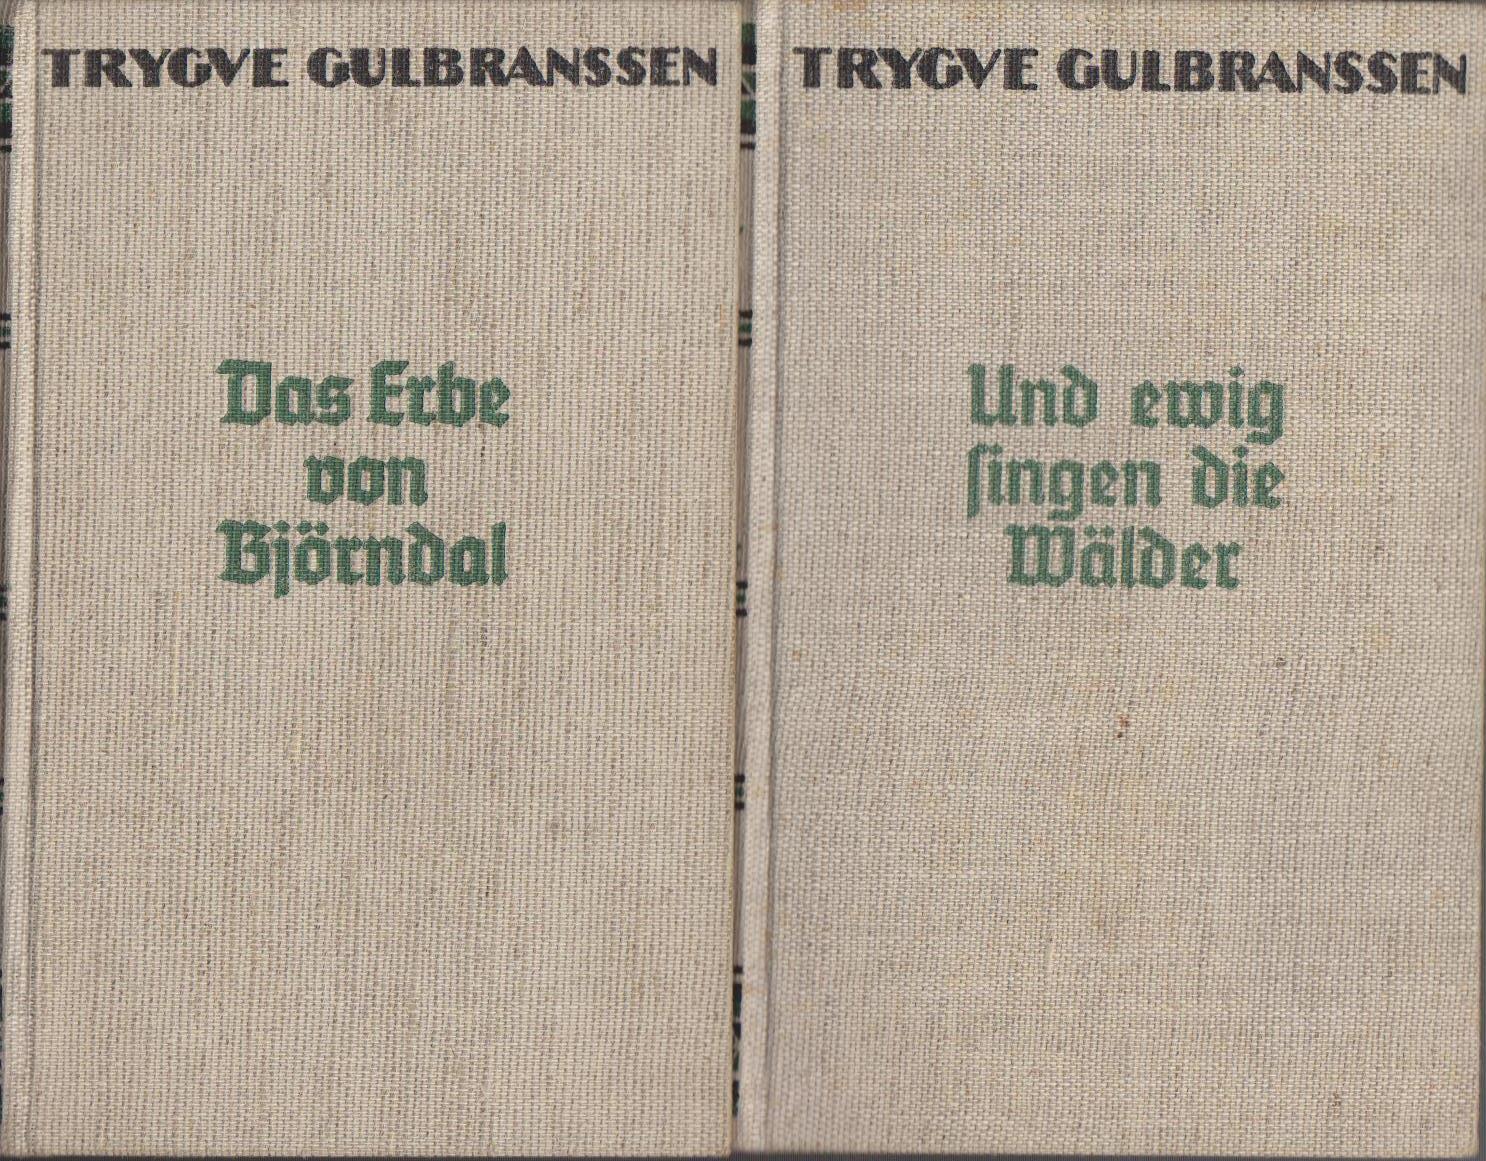 Und ewig singen die Wälder. Das Erbe von Björndal. (2 Bände) [Berecht. Übers. von Ellen de Boor] 201.-210. Tsd., 91.-100. Tsd.